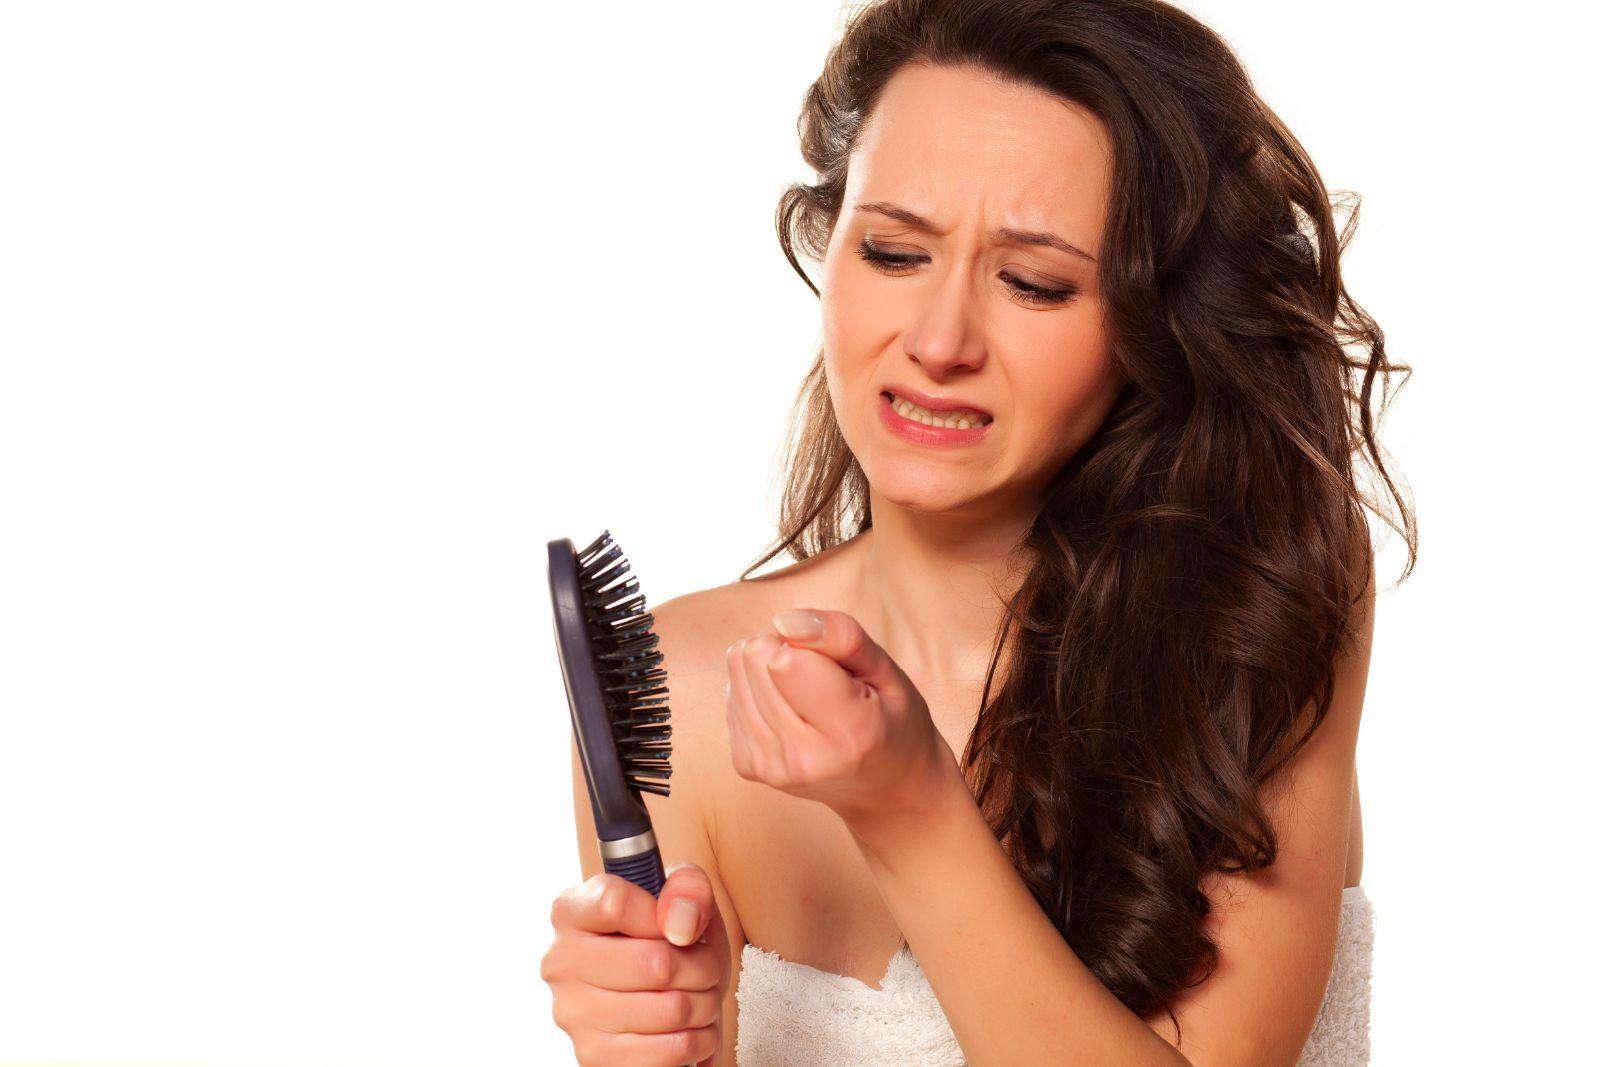 Por qué caen los cabellos a la quimioterapia